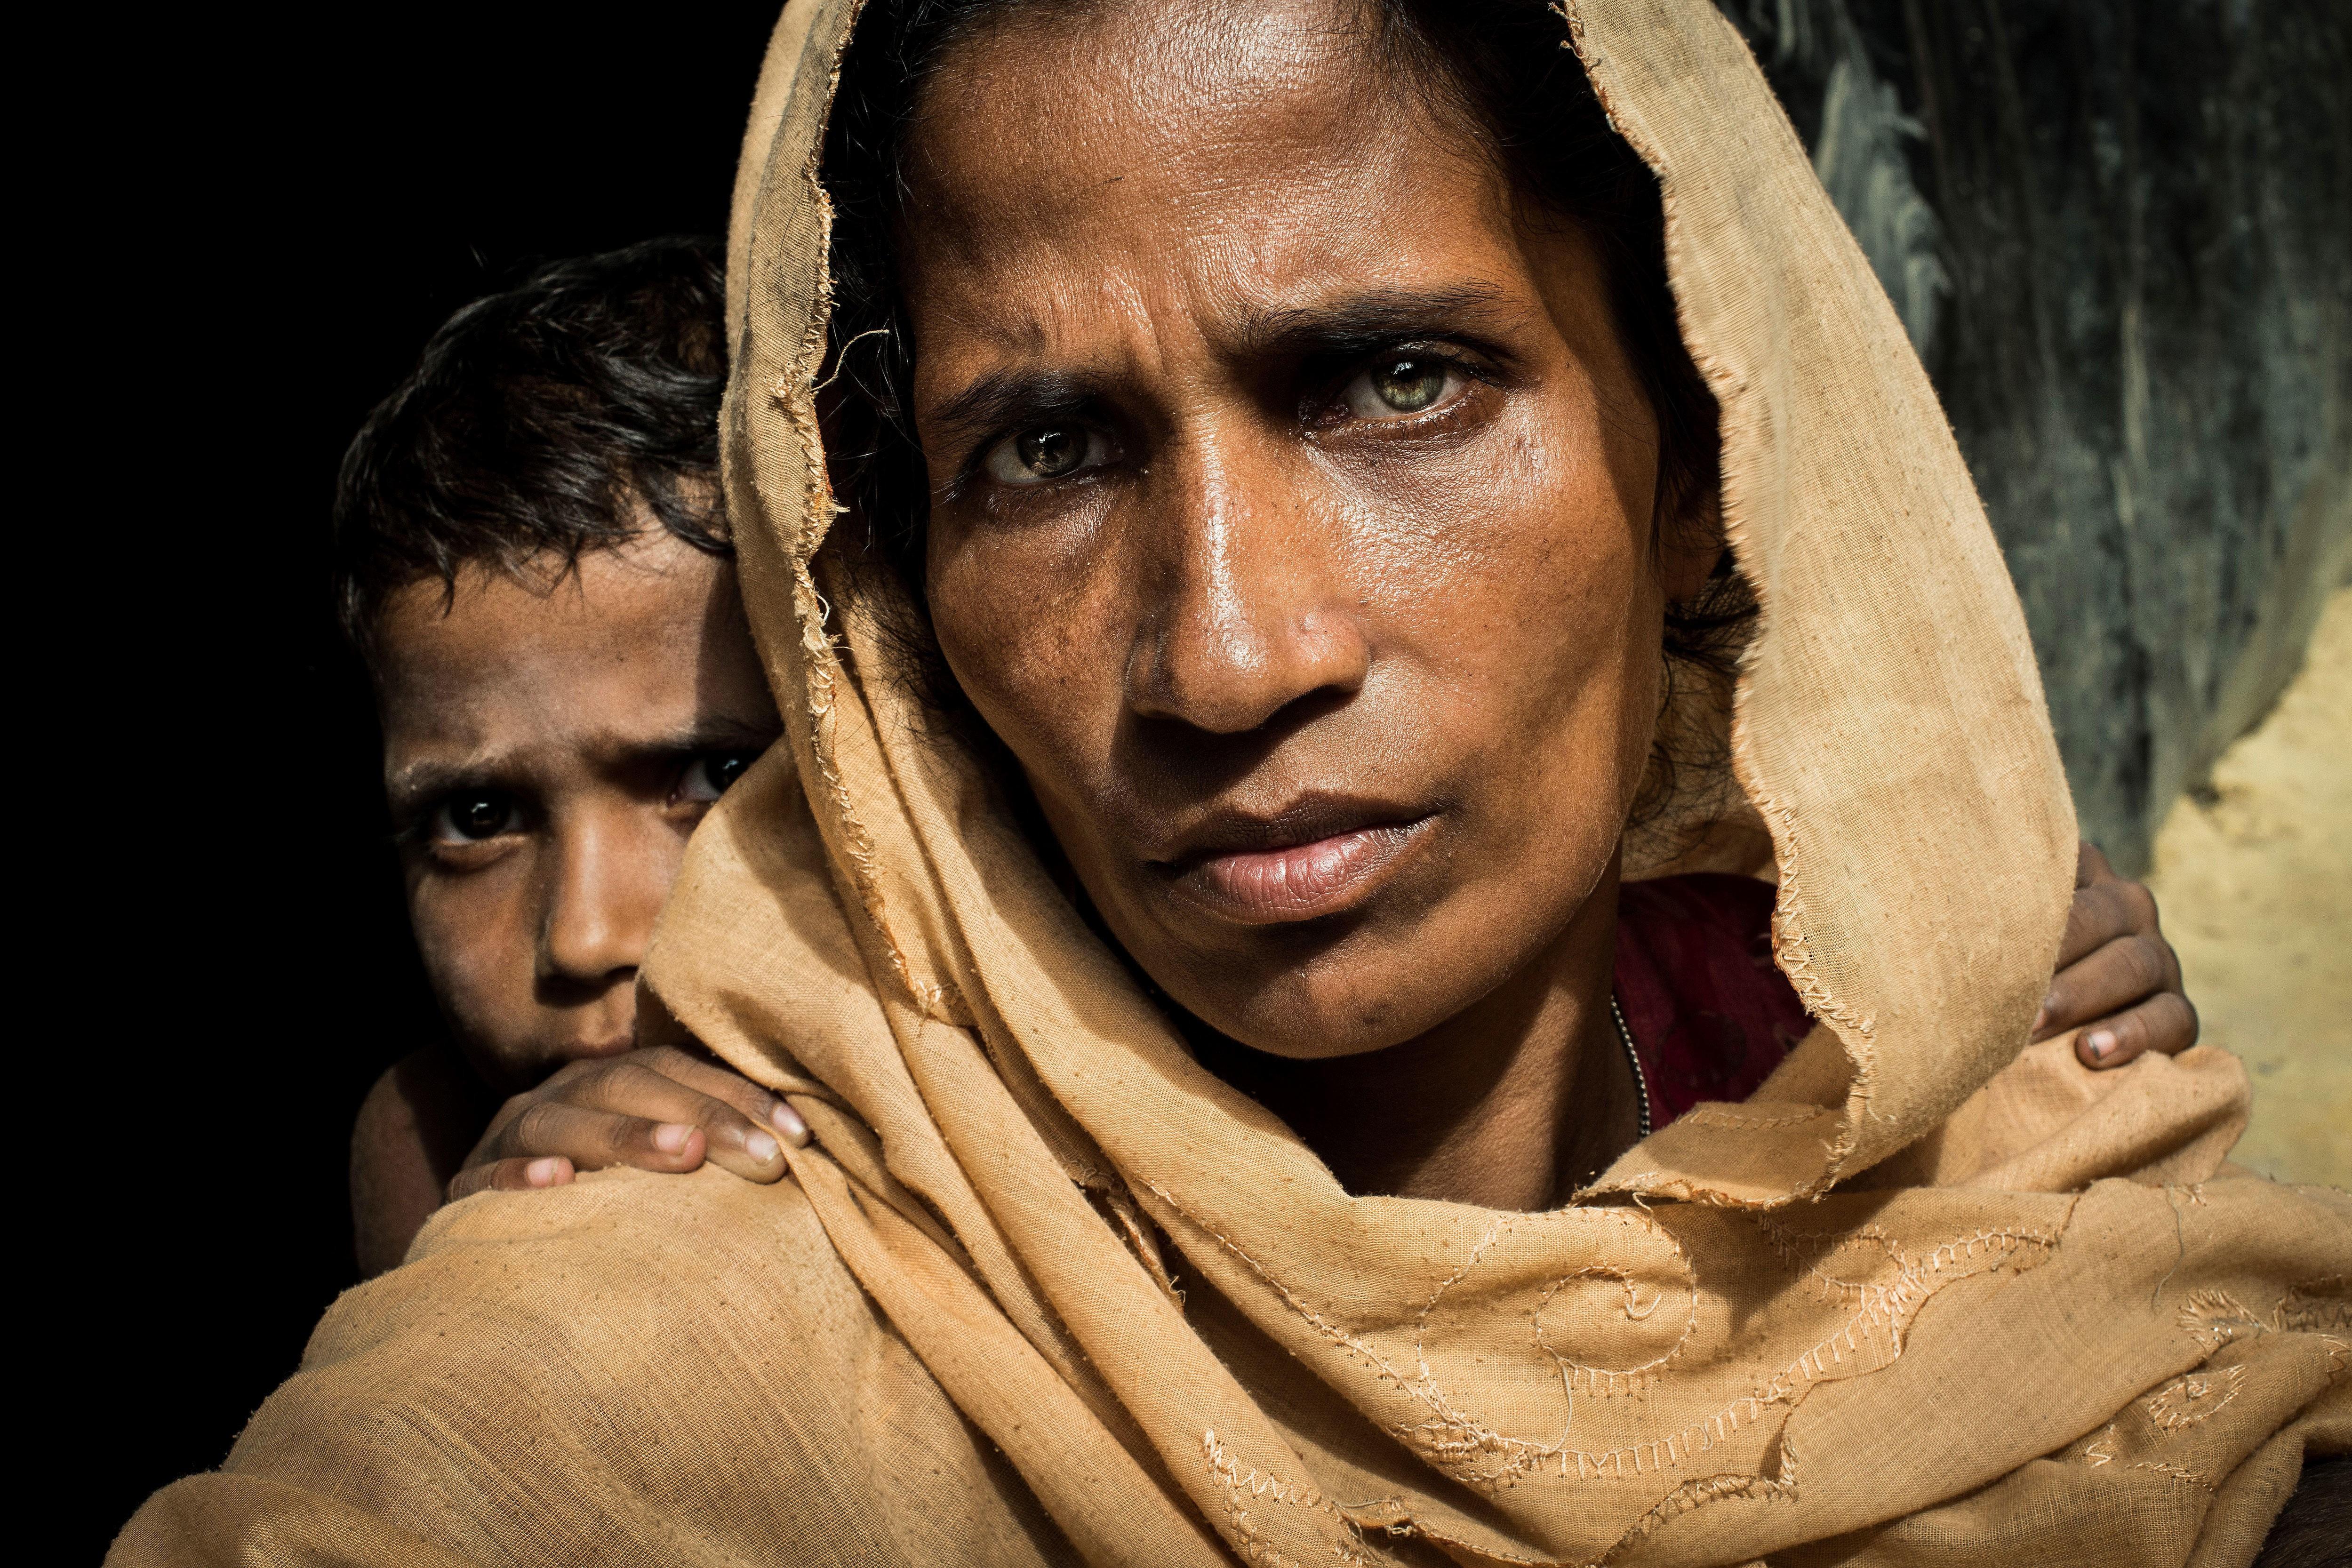 INTENST BLIKK: Kvinnens intense blikk fanget fotograf Asger Ladefoged med det samme. Bildet har nå vunnet pris for beste portrett i verdens eldste fotojournalistiske kåring.